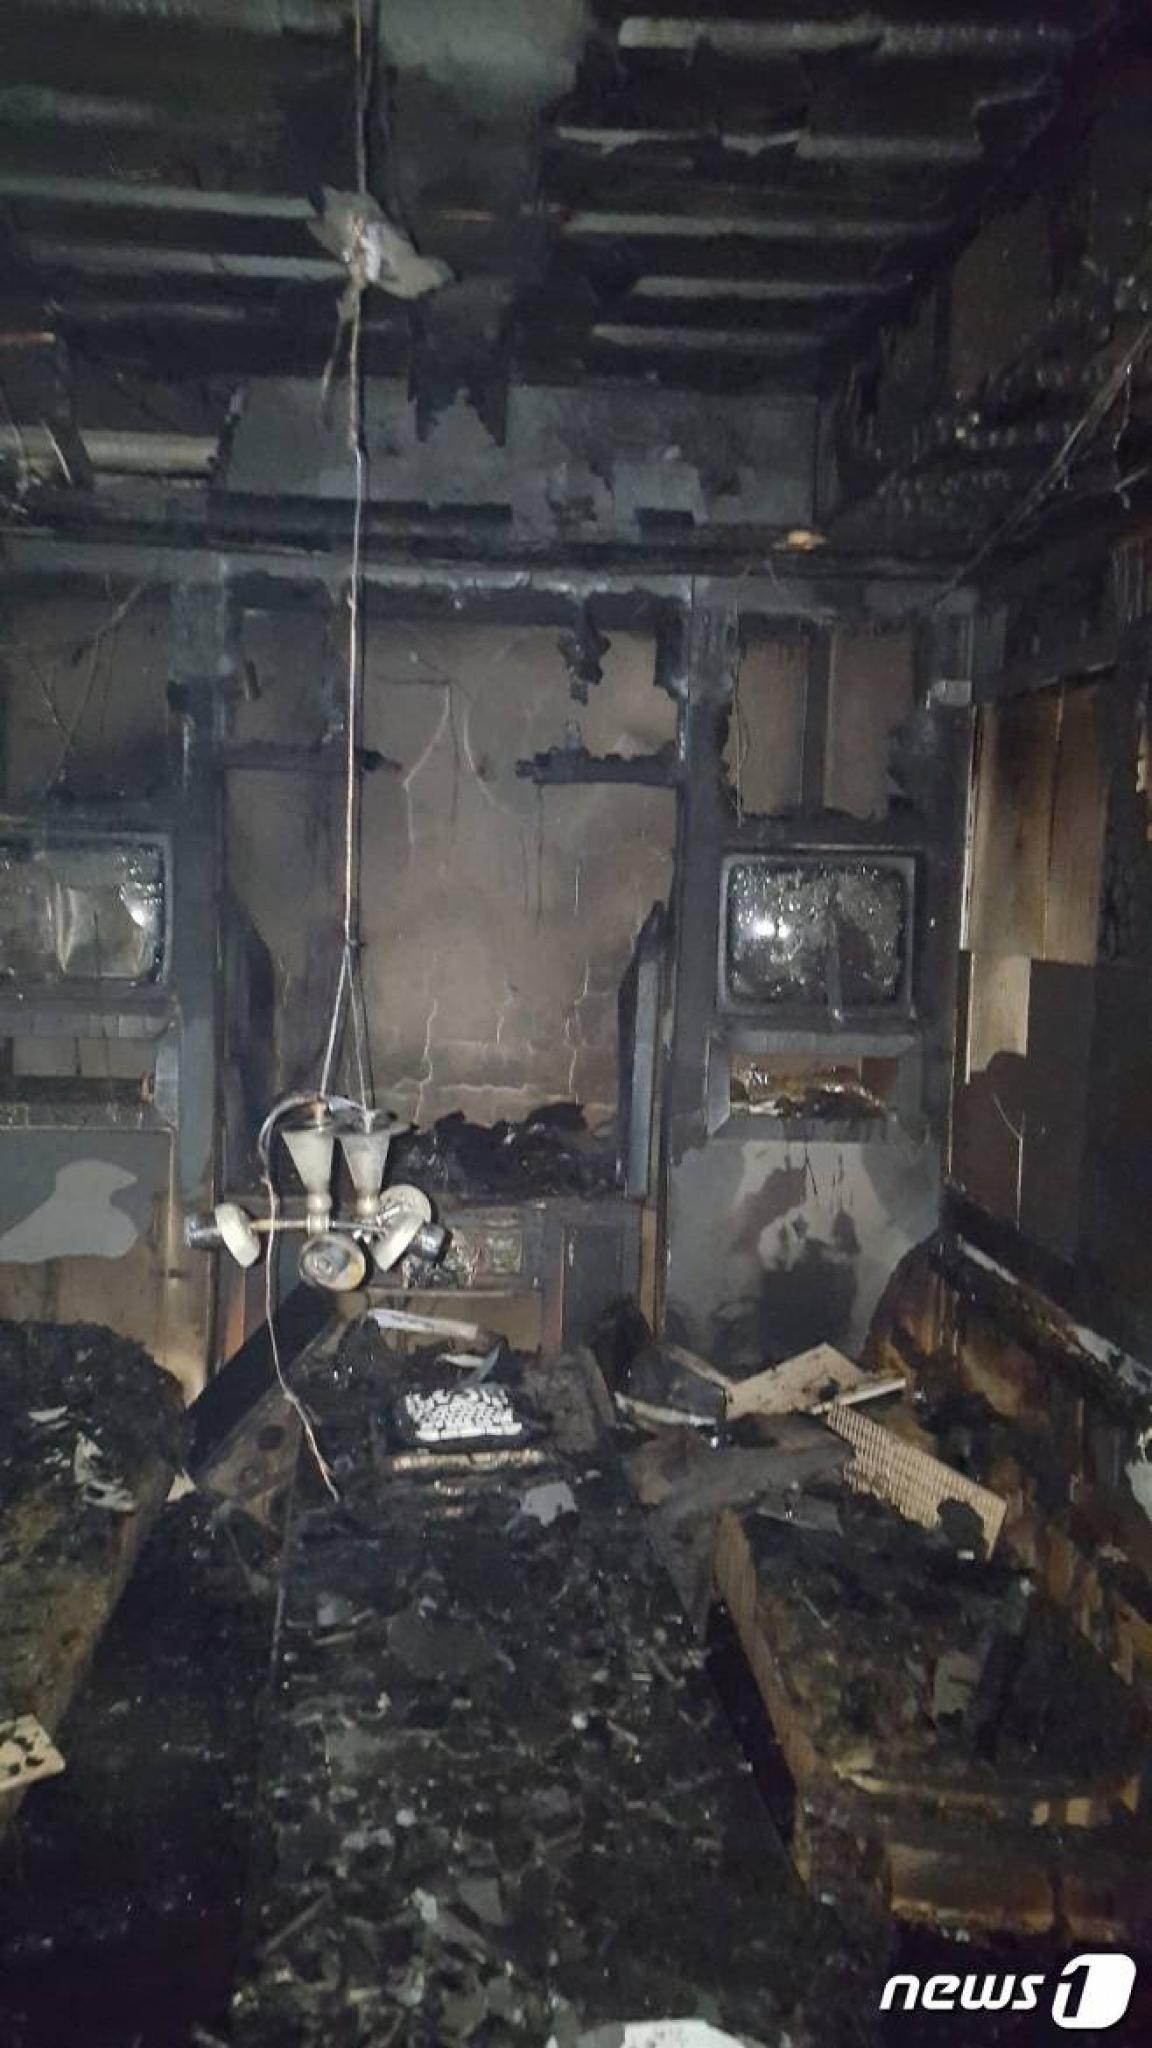 창원 노래방 불. 17일 오후 8시9분쯤 경남 창원시 의창구 한 건물 지하 1층 노래방에서 불이 났다. /사진=뉴스1(창원소방본부 제공)